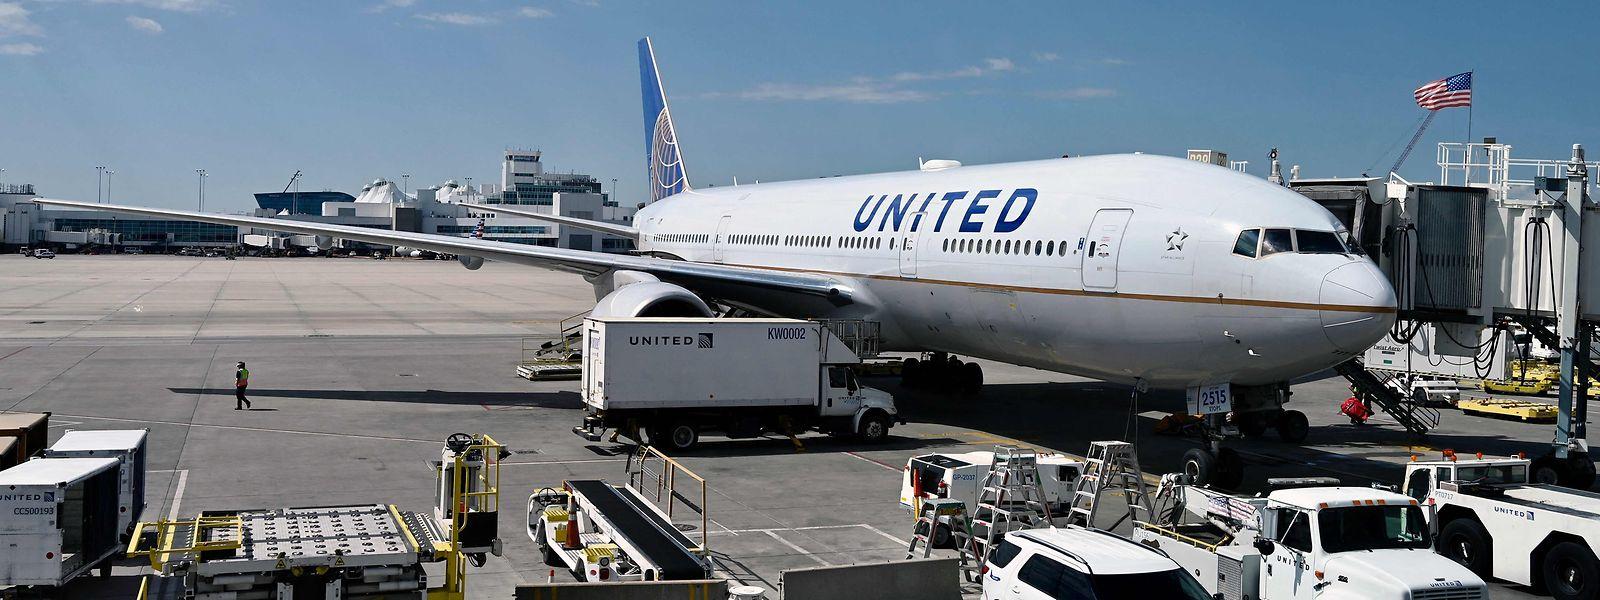 Eine 777 von United Airlines am Flughafen von Denver.